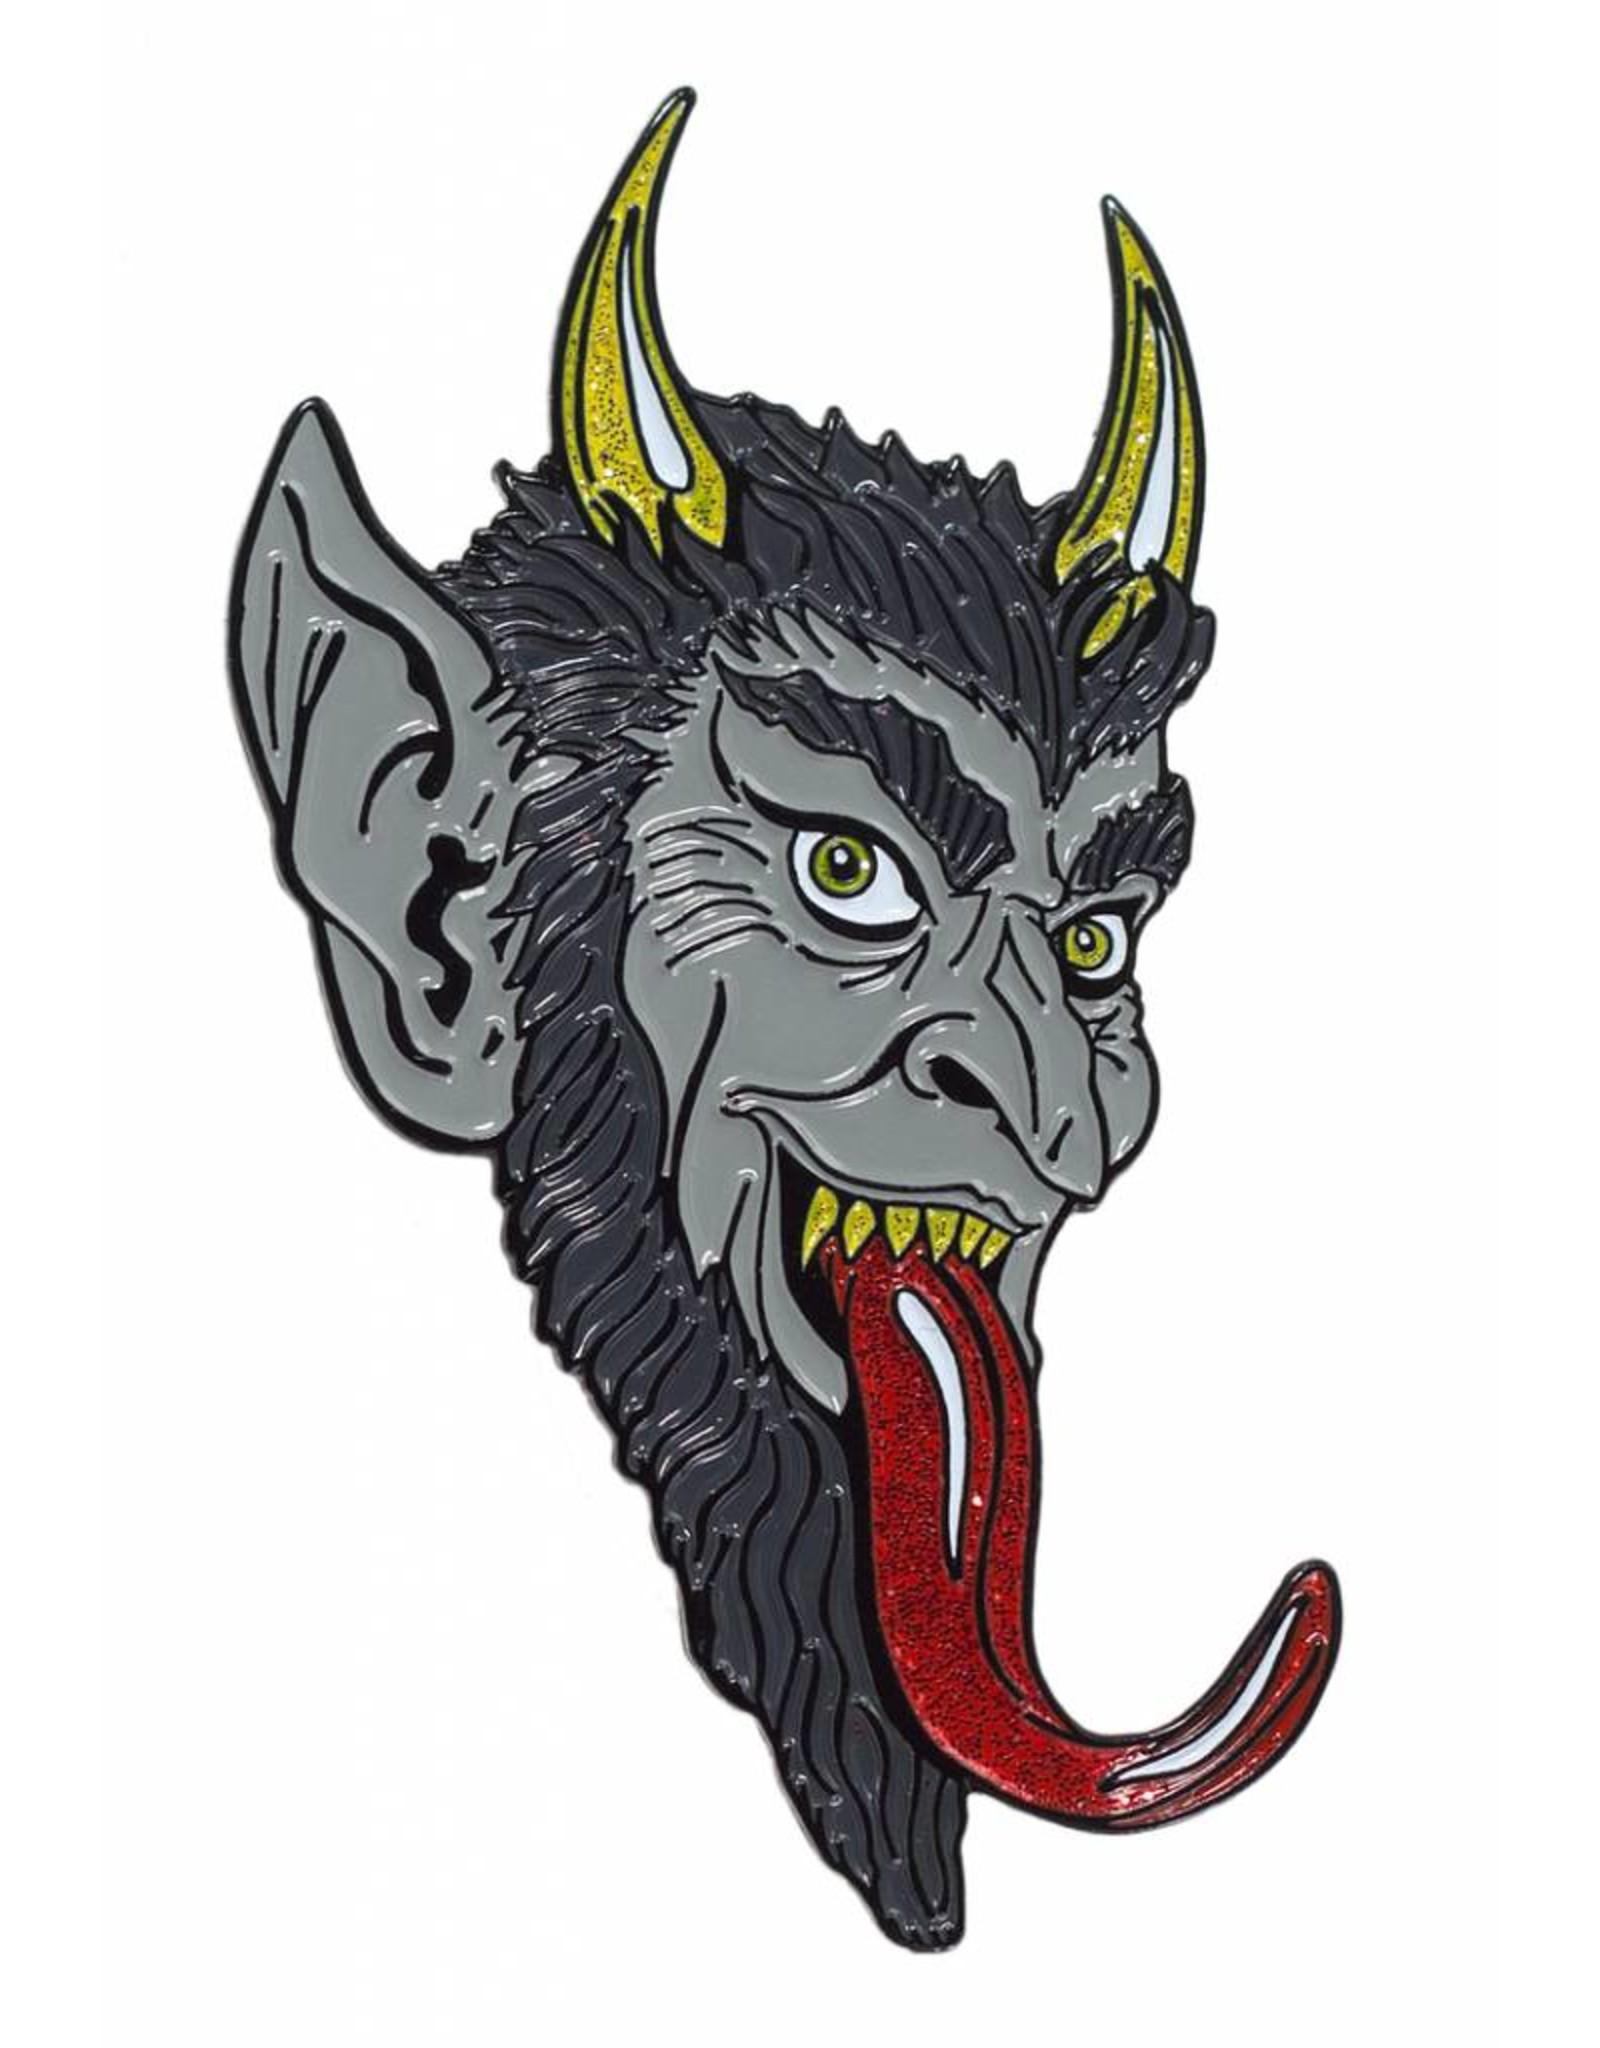 KREEPSVILLE 666 - Krampus Smile Enamel Pin